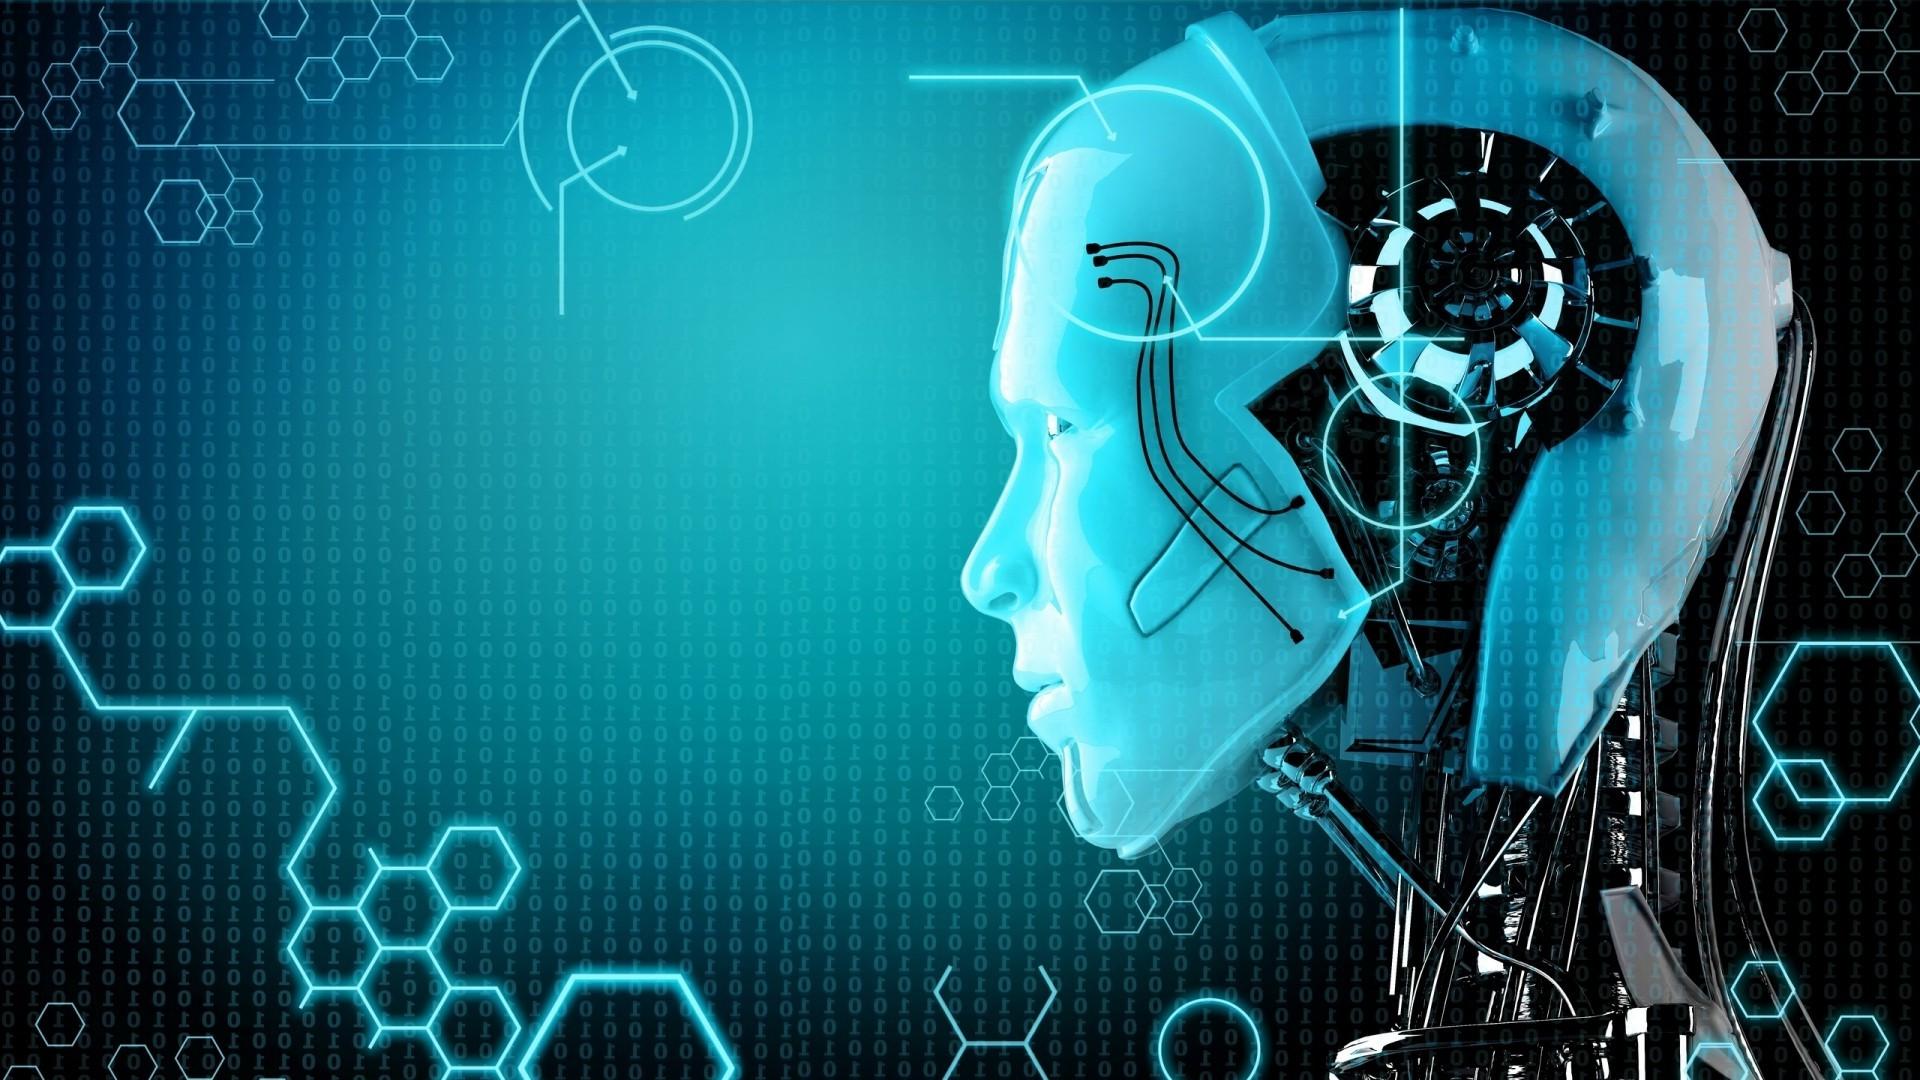 Intelligenza artificiale, le linee guida europee: pro e contro dell'approccio ue | Agenda Digitale